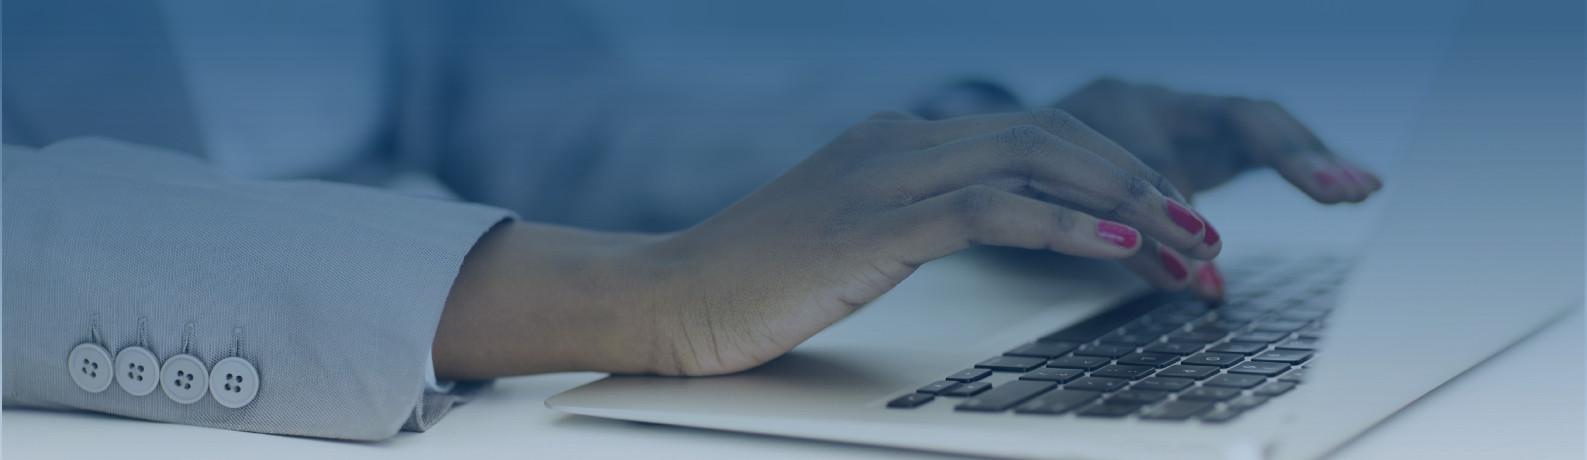 http://www.serpro.gov.br/menu/contato/cliente/duvidas-mais-frequentes/rais/rais